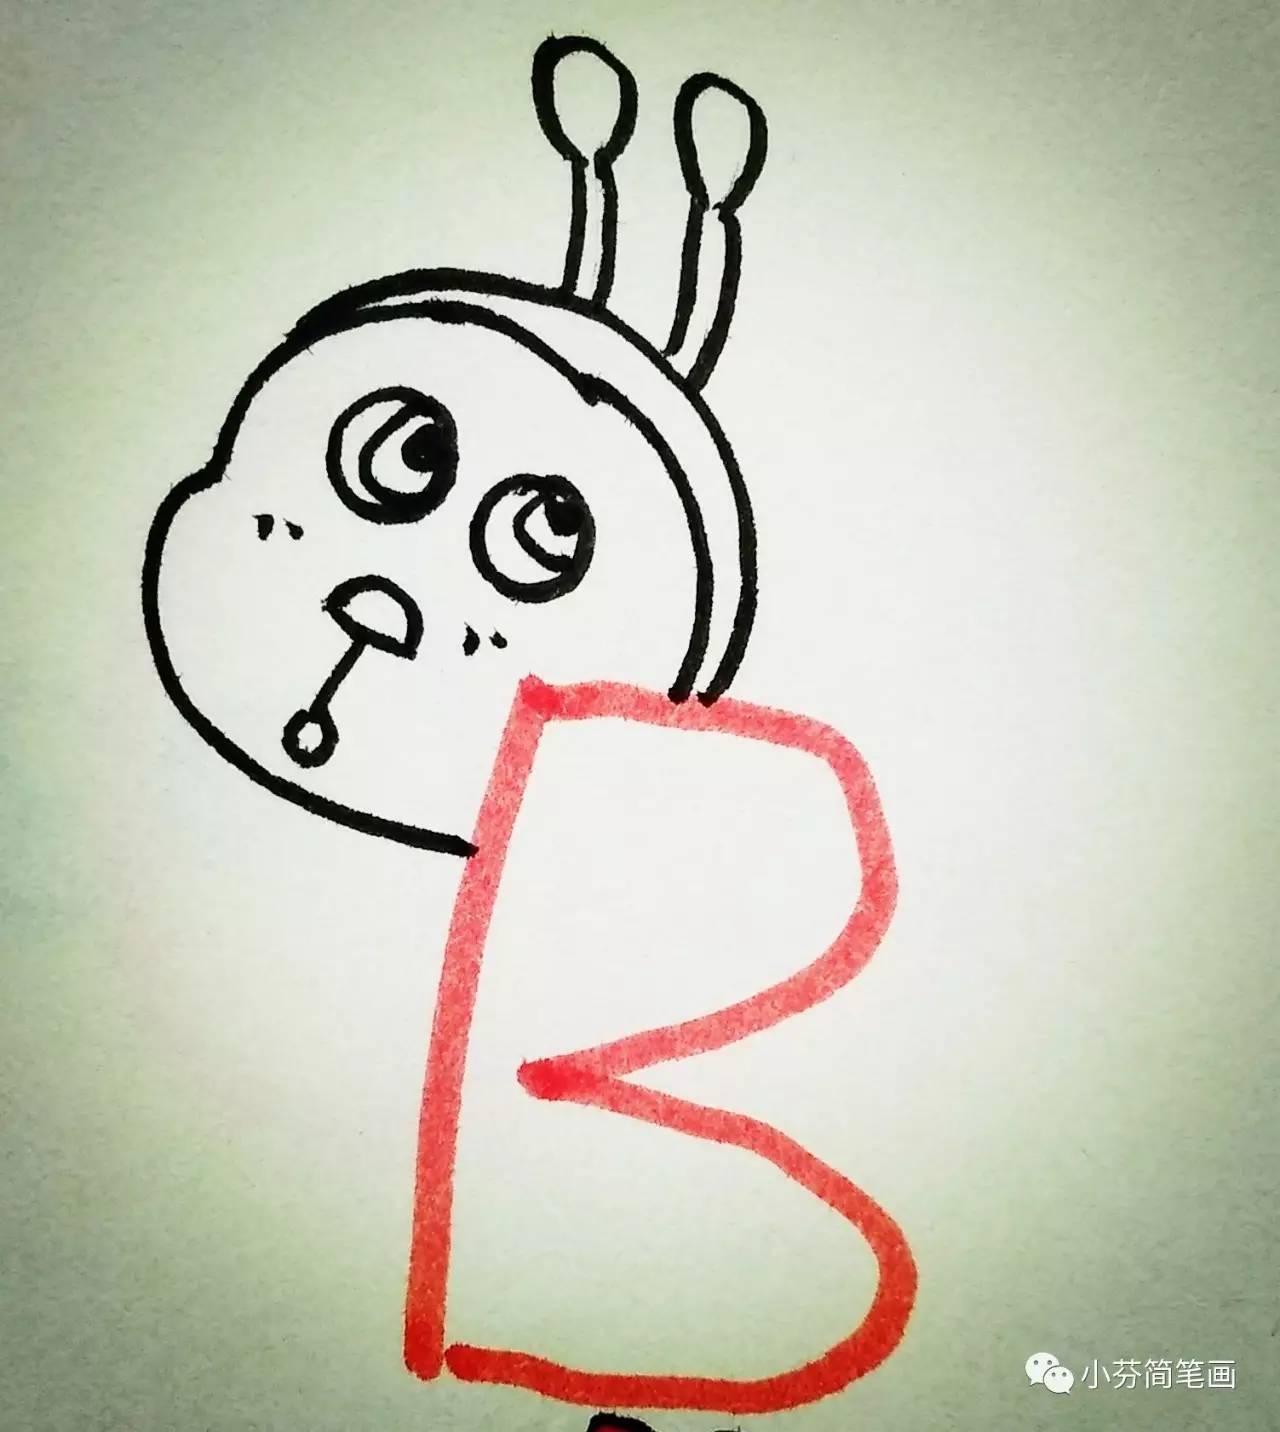 学个字母画个画:a与b简笔画